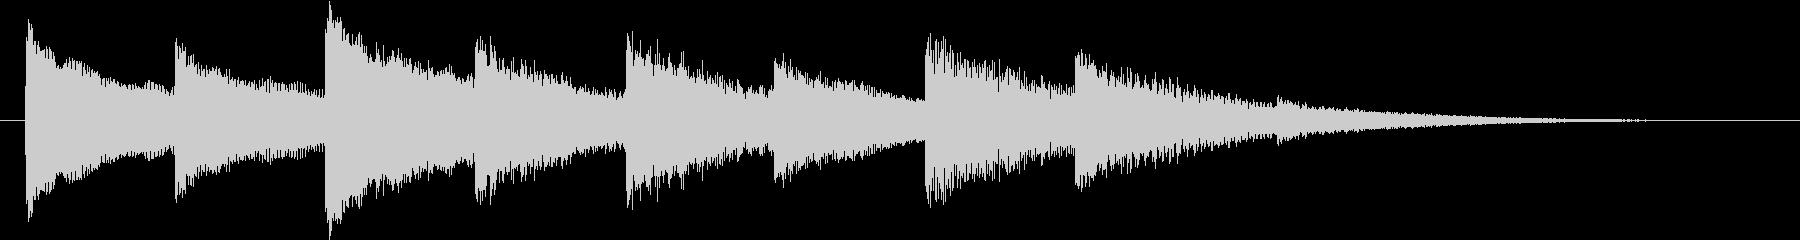 ホラー・不穏なベルの音の未再生の波形